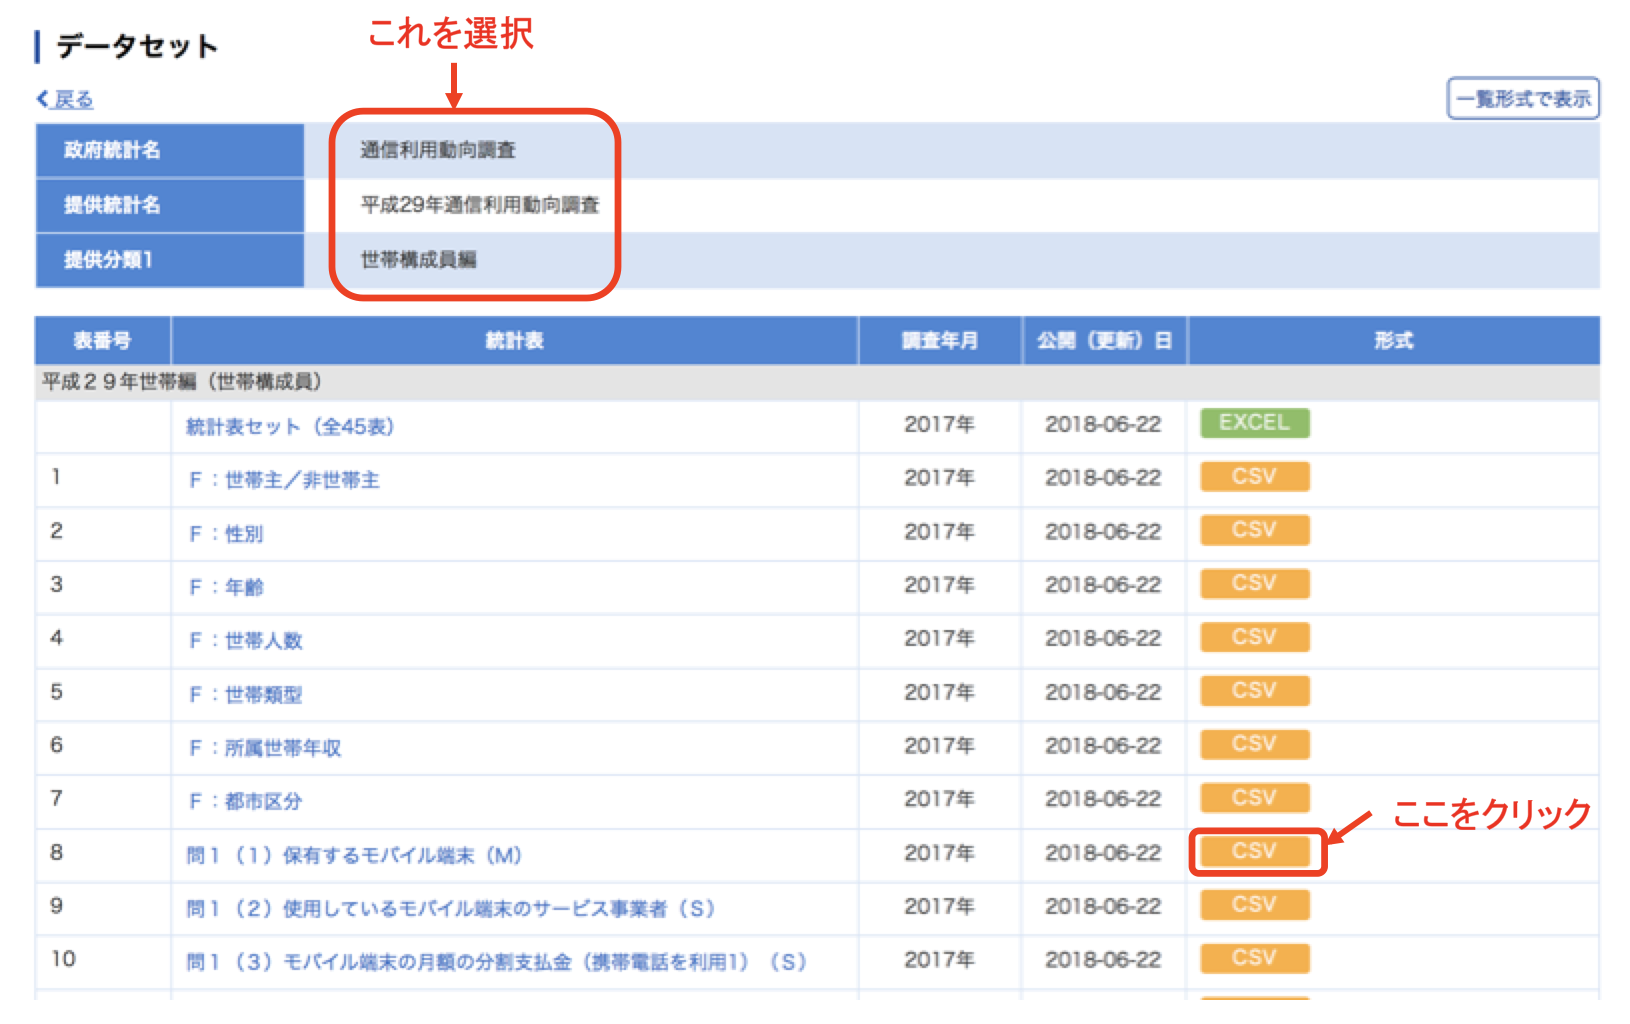 平成29年通信利用動向調査_保有するモバイル端末のデータセット